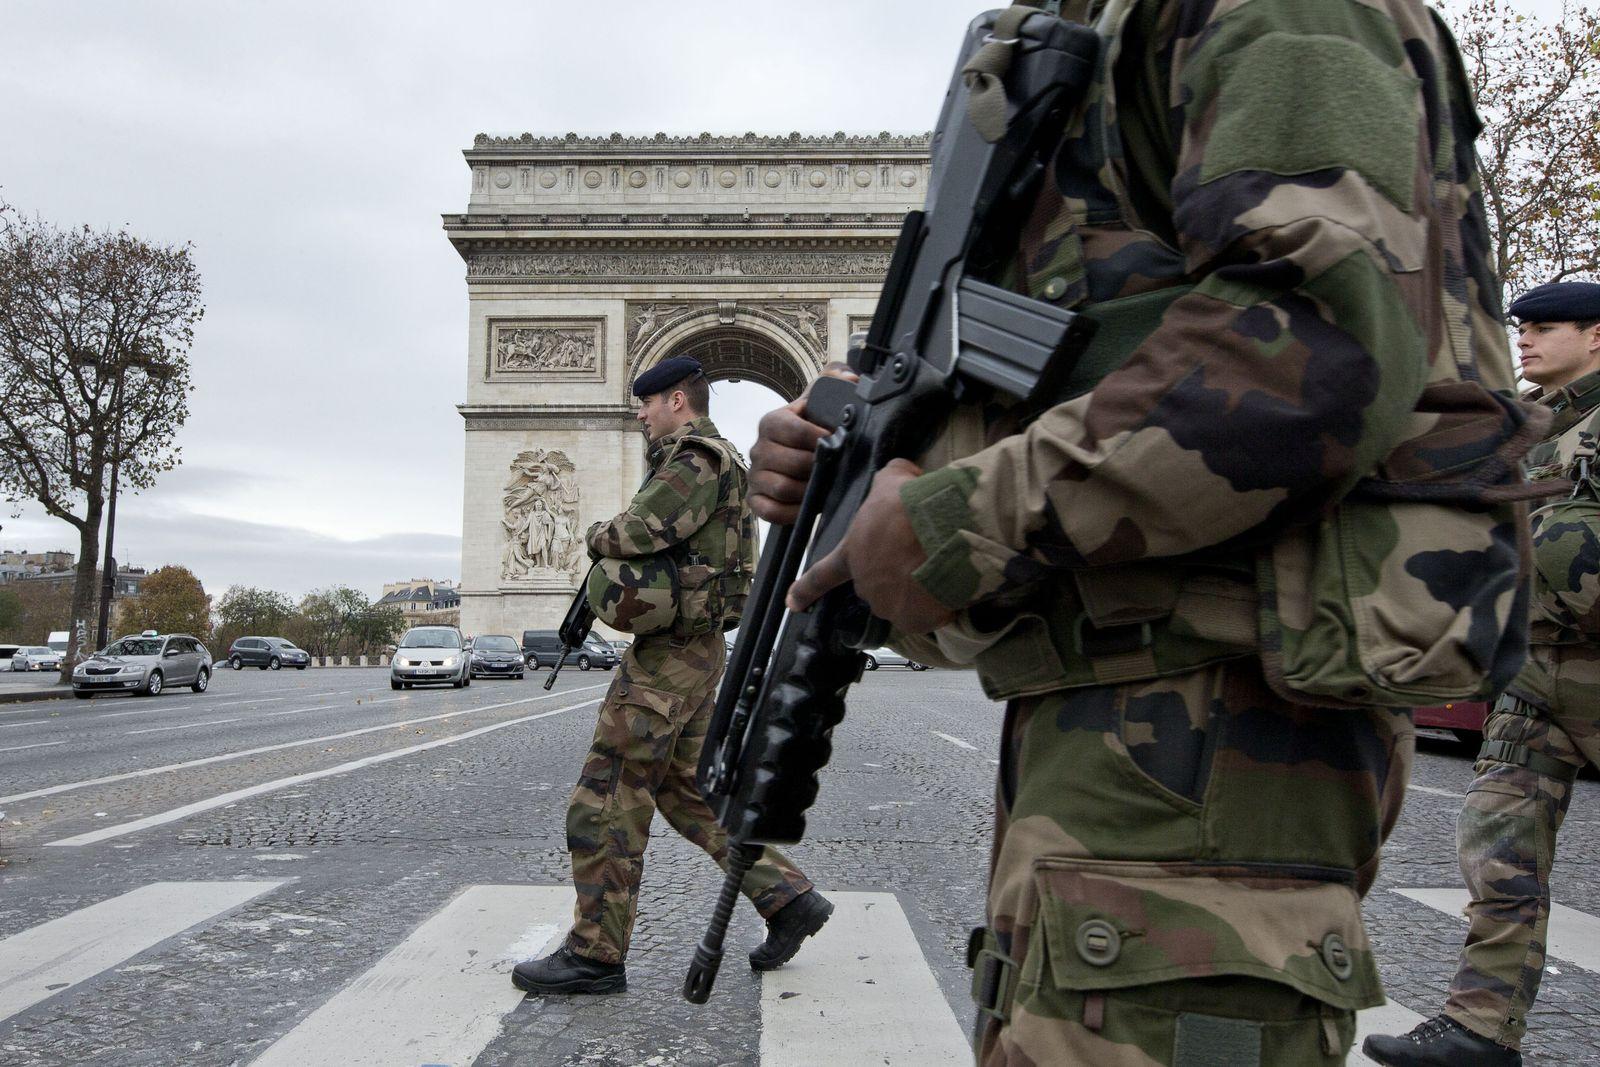 frankreich terror